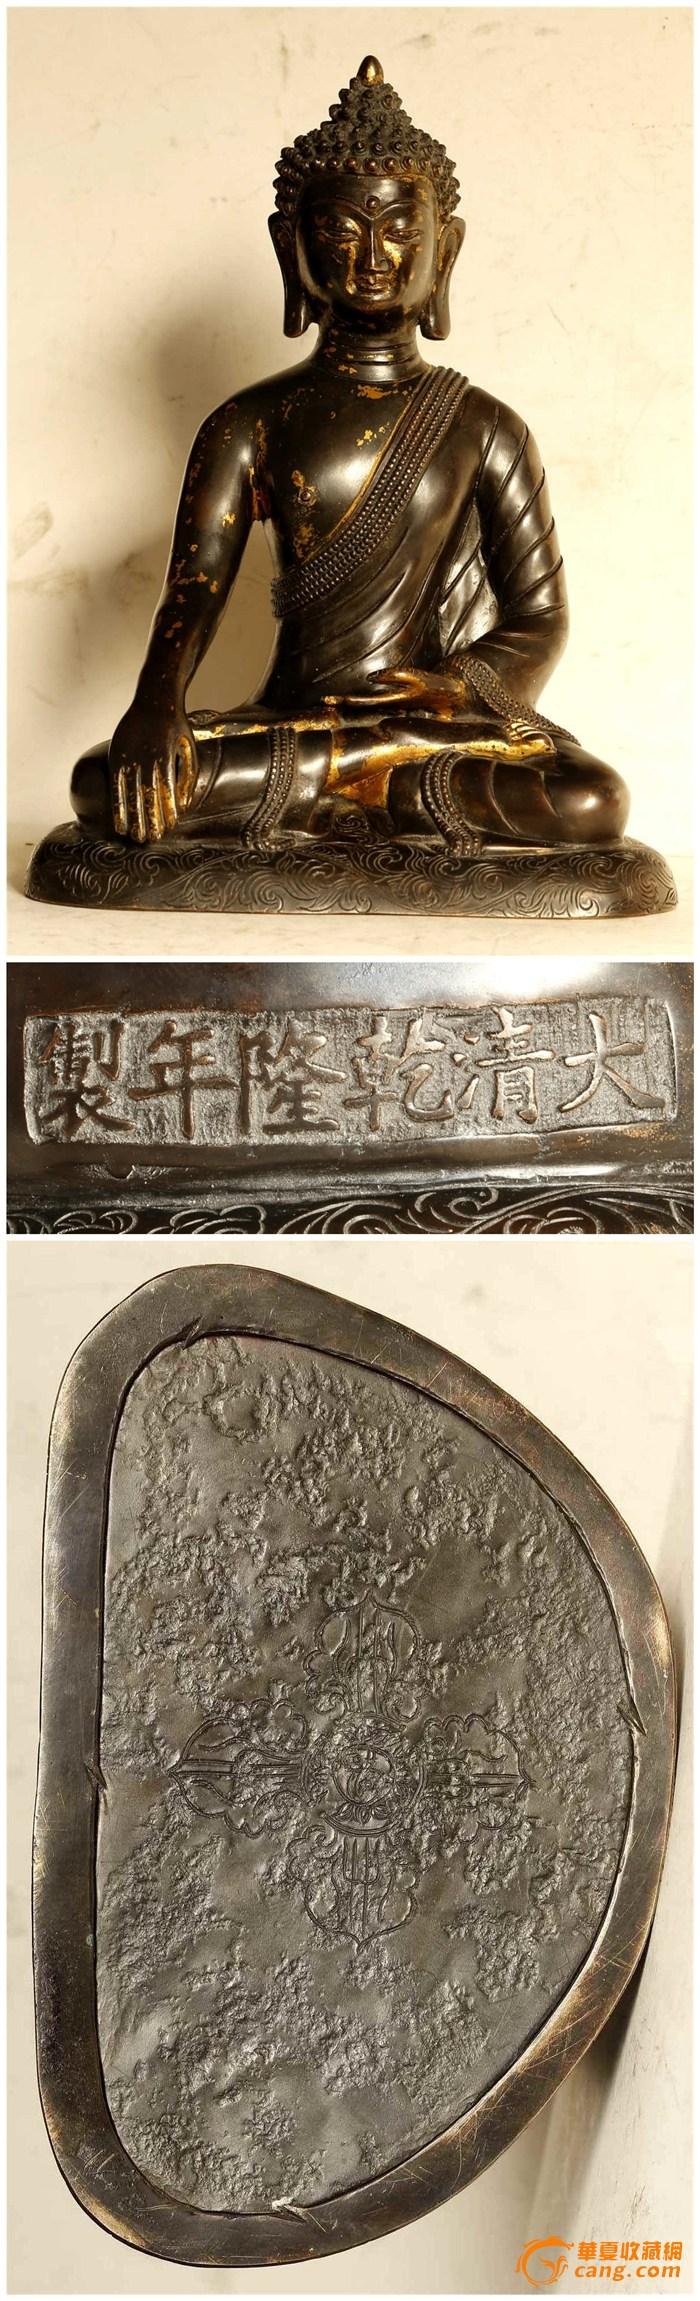 清代 乾隆 官造 鎏金 錾刻 铜释迦摩尼座像 精品 一尊